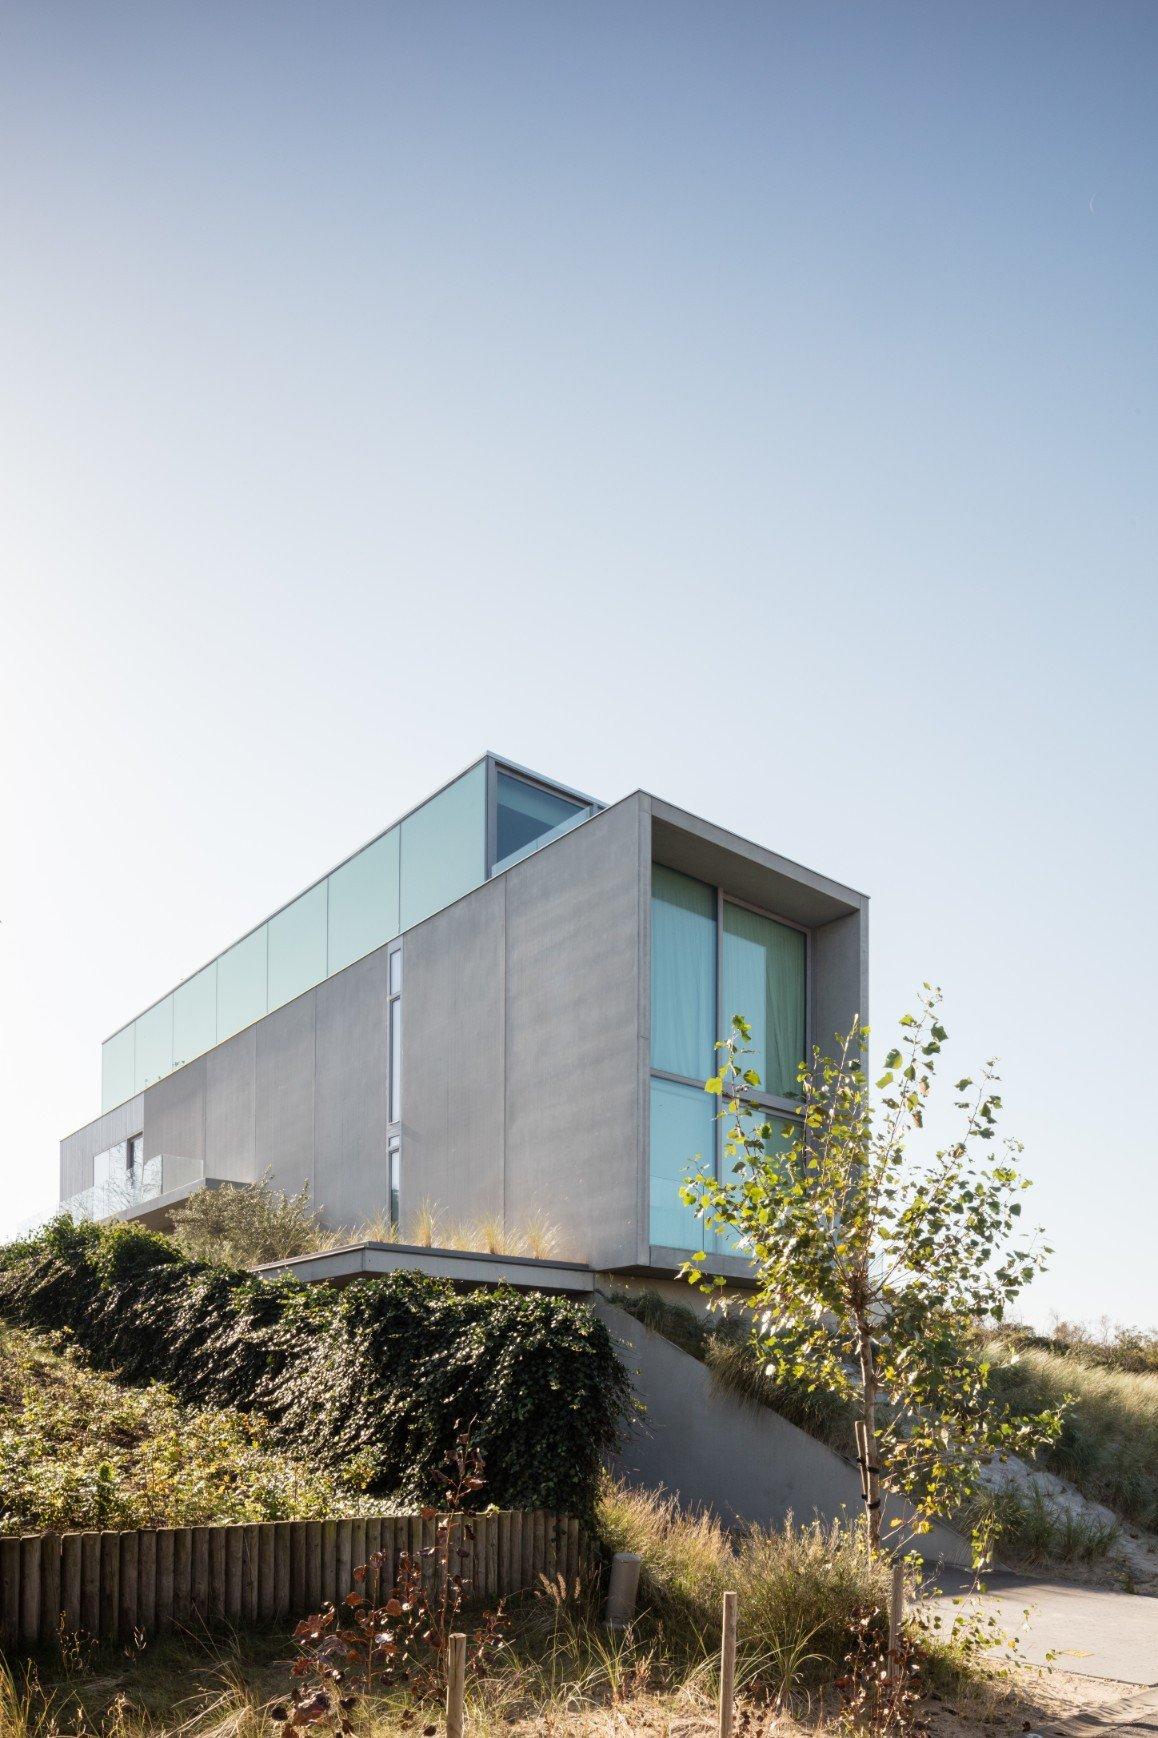 Rietveldprojects-saarinen-appartement-design-architectuur-kust-tvdv.jpg